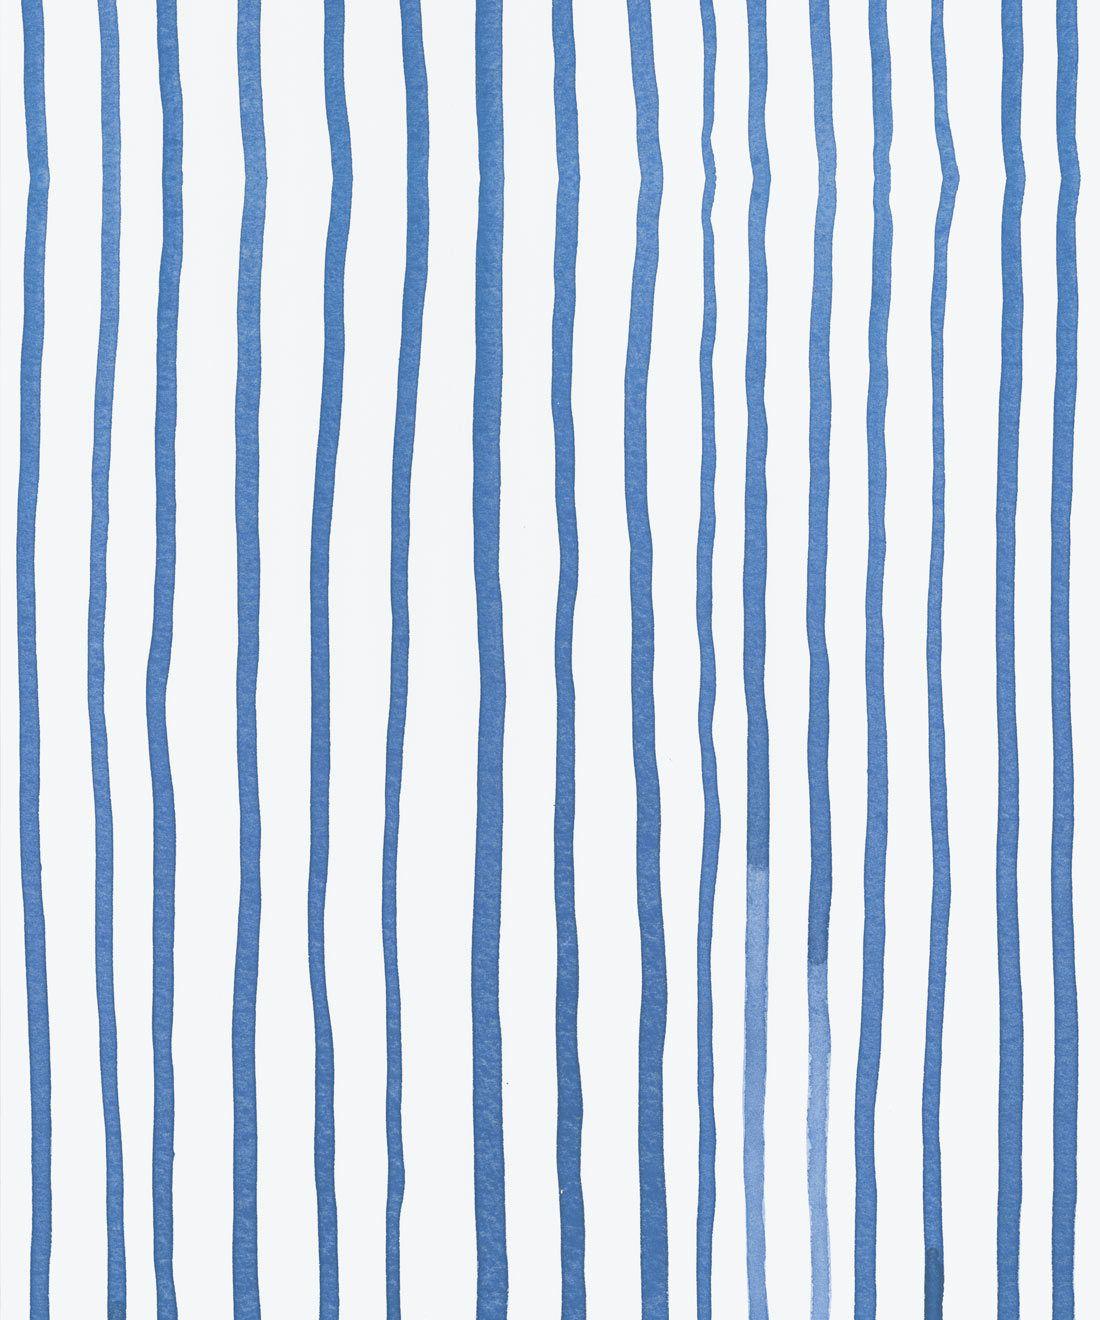 Zighy Stripes •Striped Wallpaper •Blue Stripes • Milton & King Australia • Georgia MacMillan